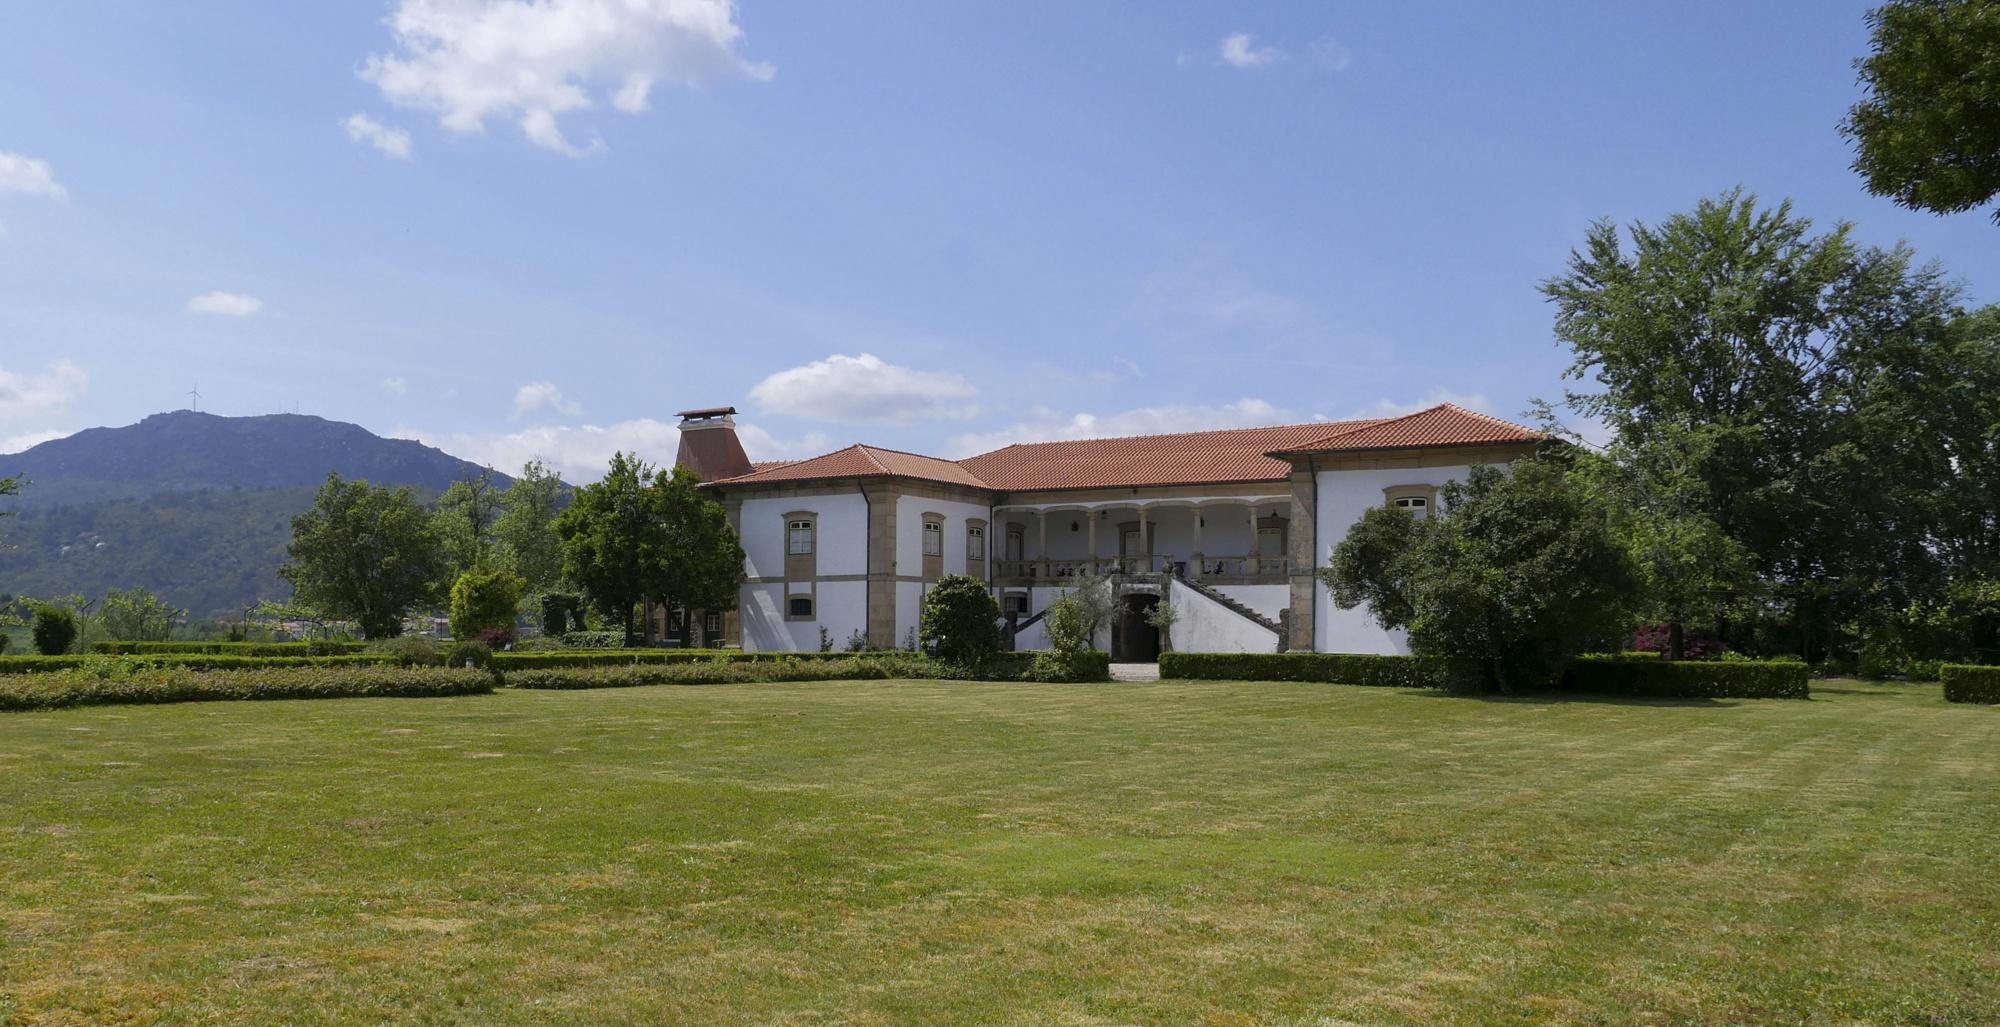 Casa da Tojeira - Visita & Cata de Vinos Premium